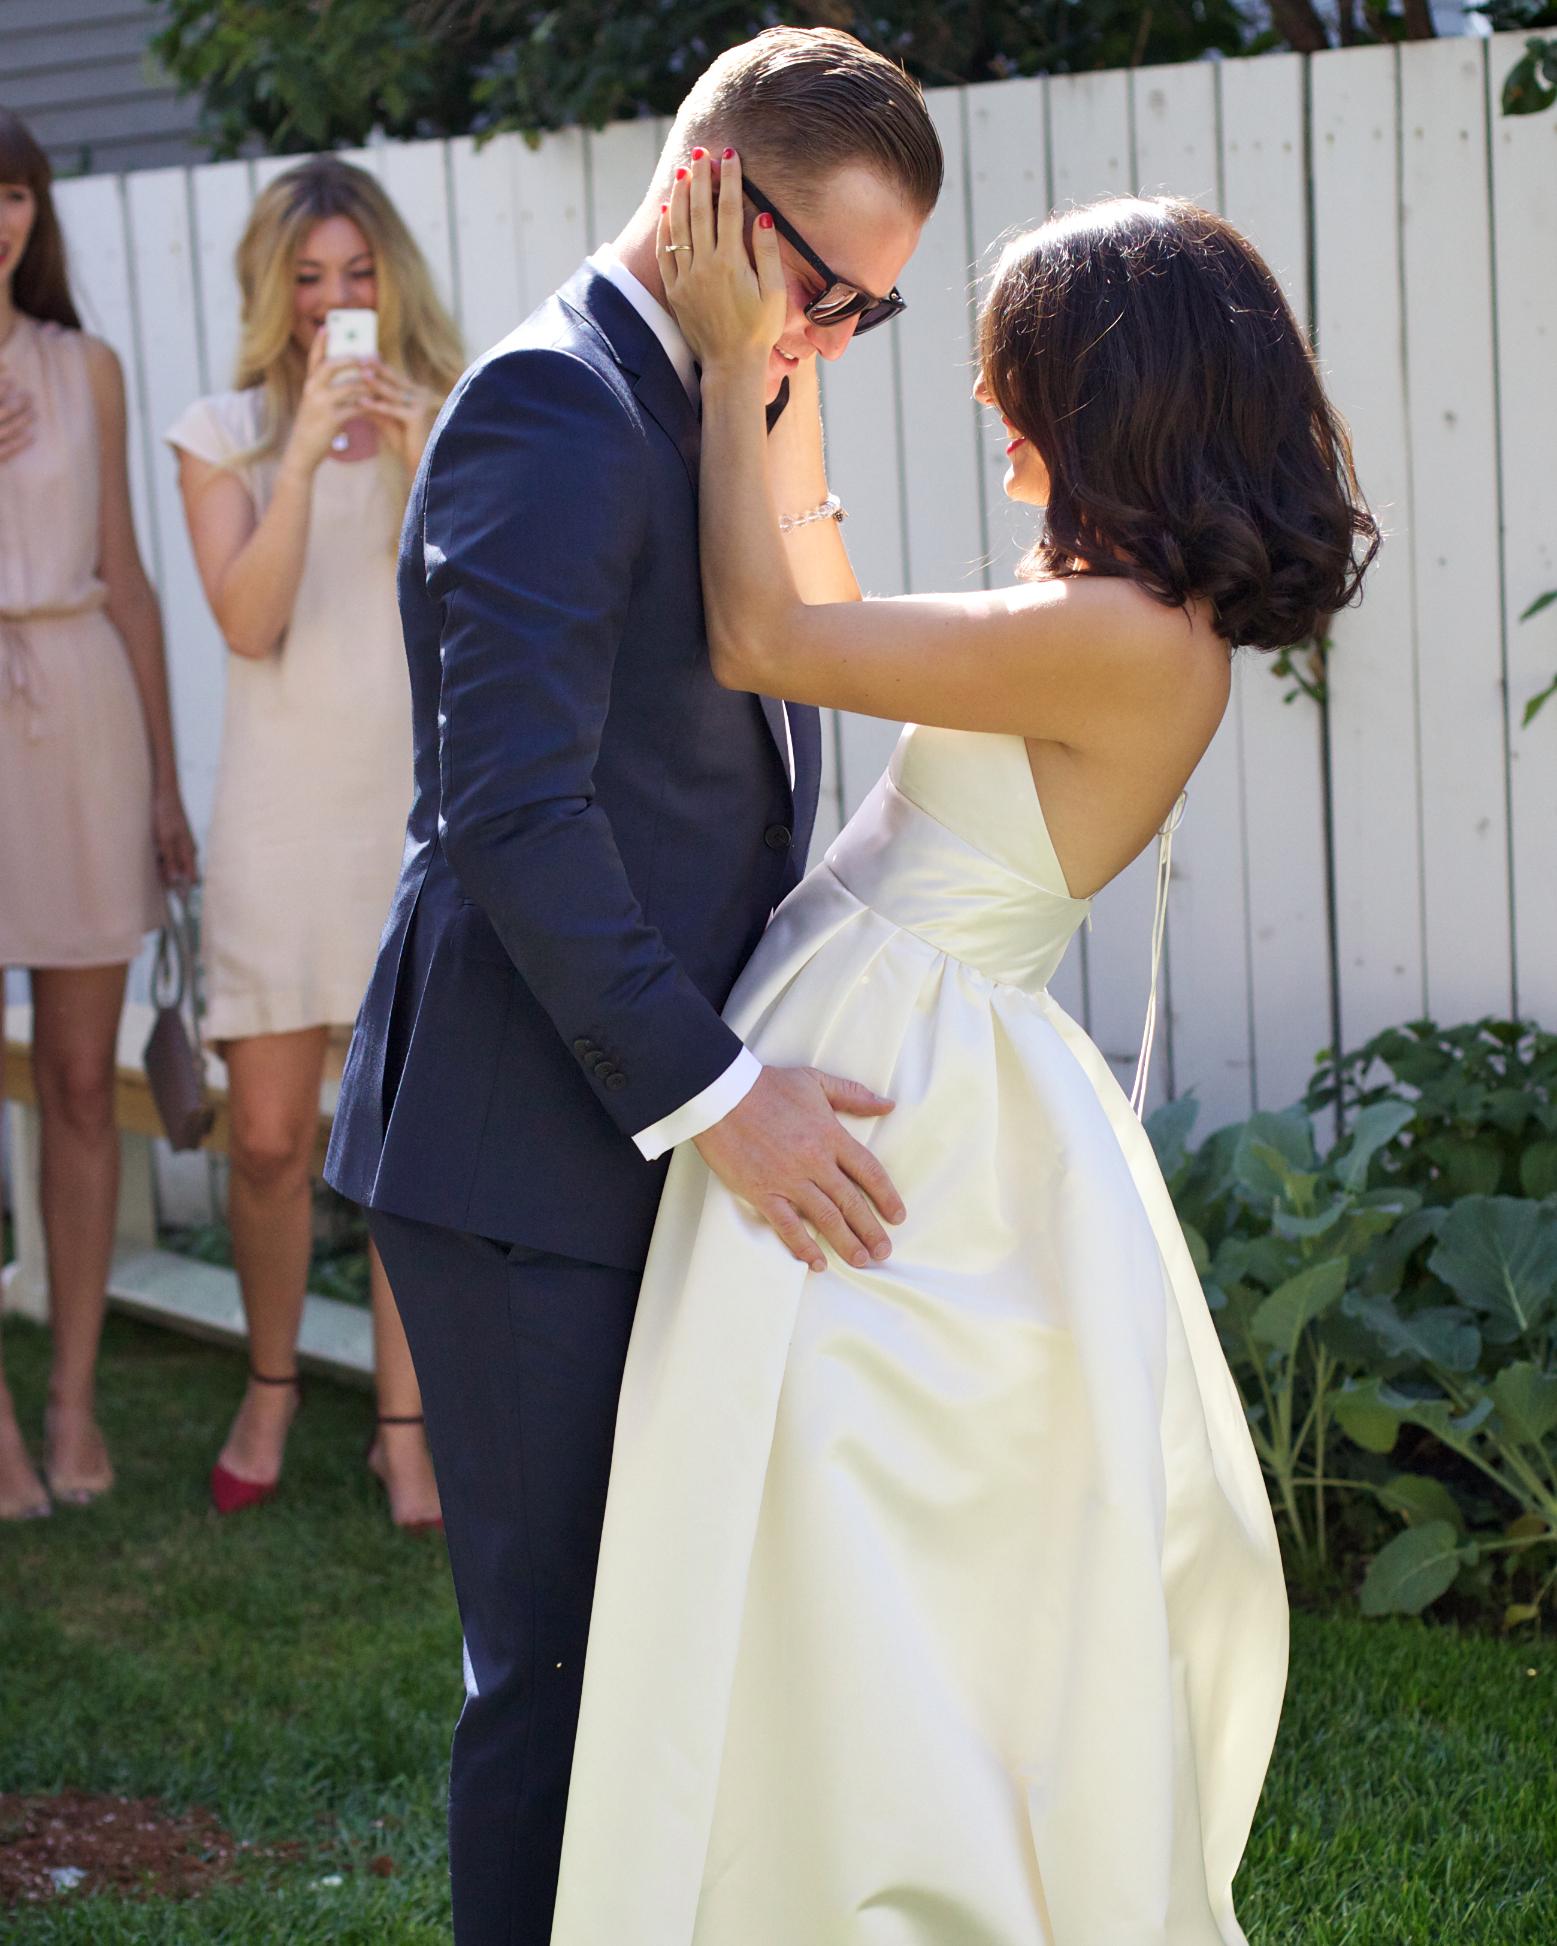 emily-brett-wedding-firstlook-0414.jpg